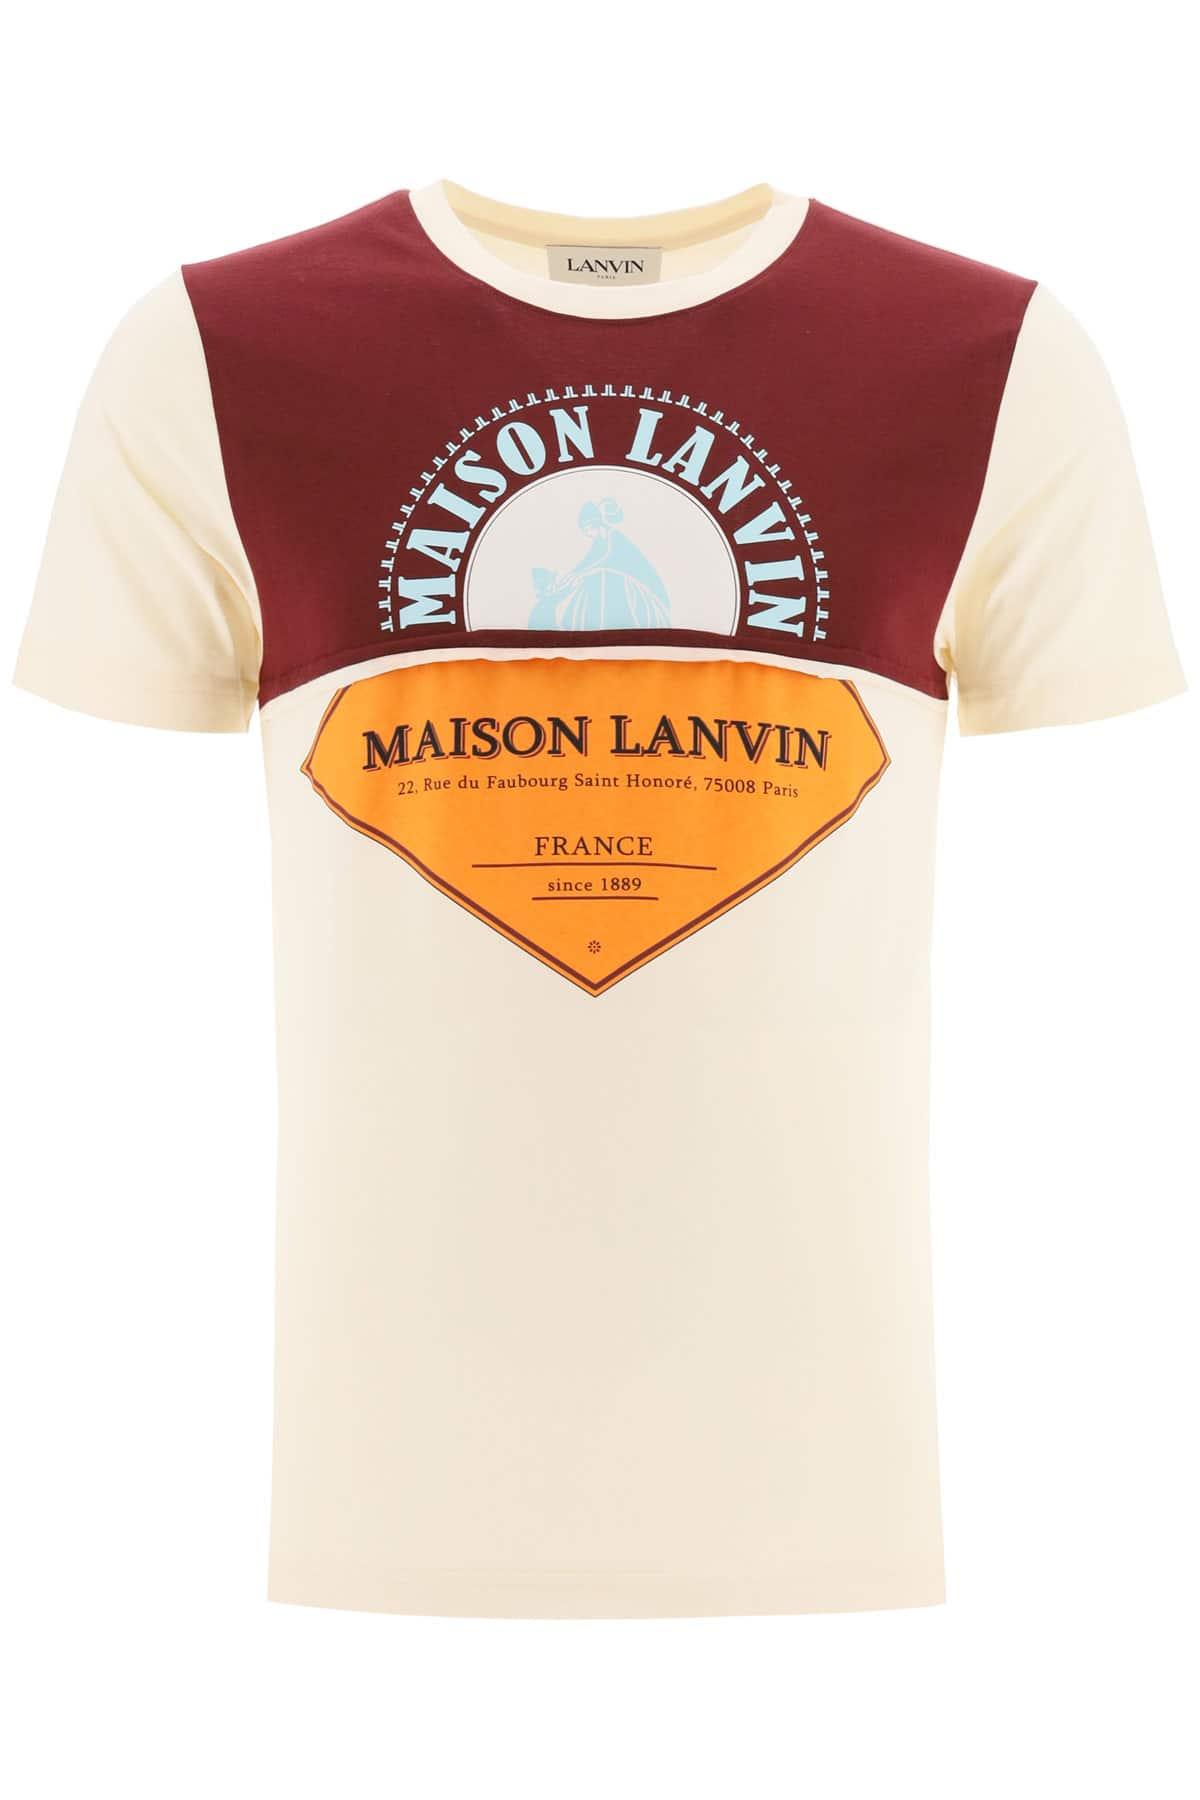 LANVIN MAISON LANVIN T-SHIRT S Beige, Orange, Light blue Cotton